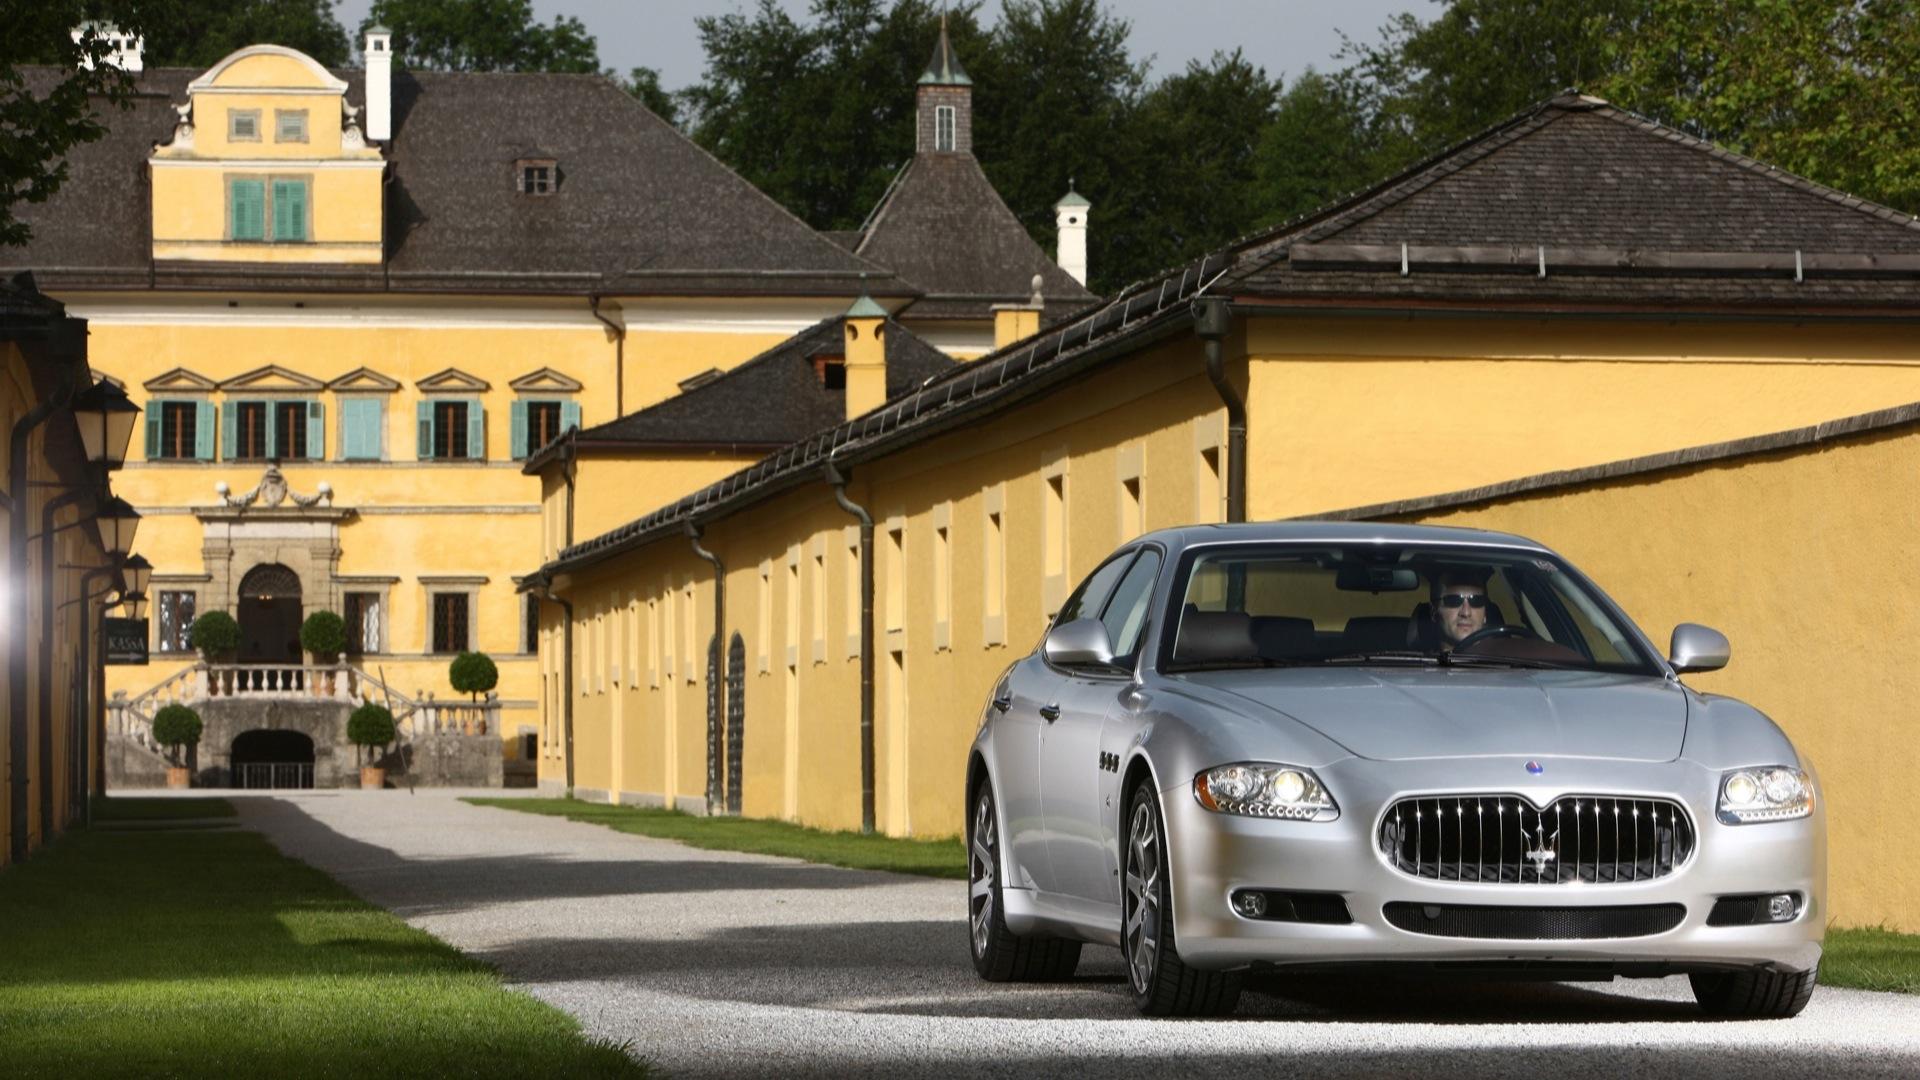 Maserati-quattroporte-2013-S Exterior